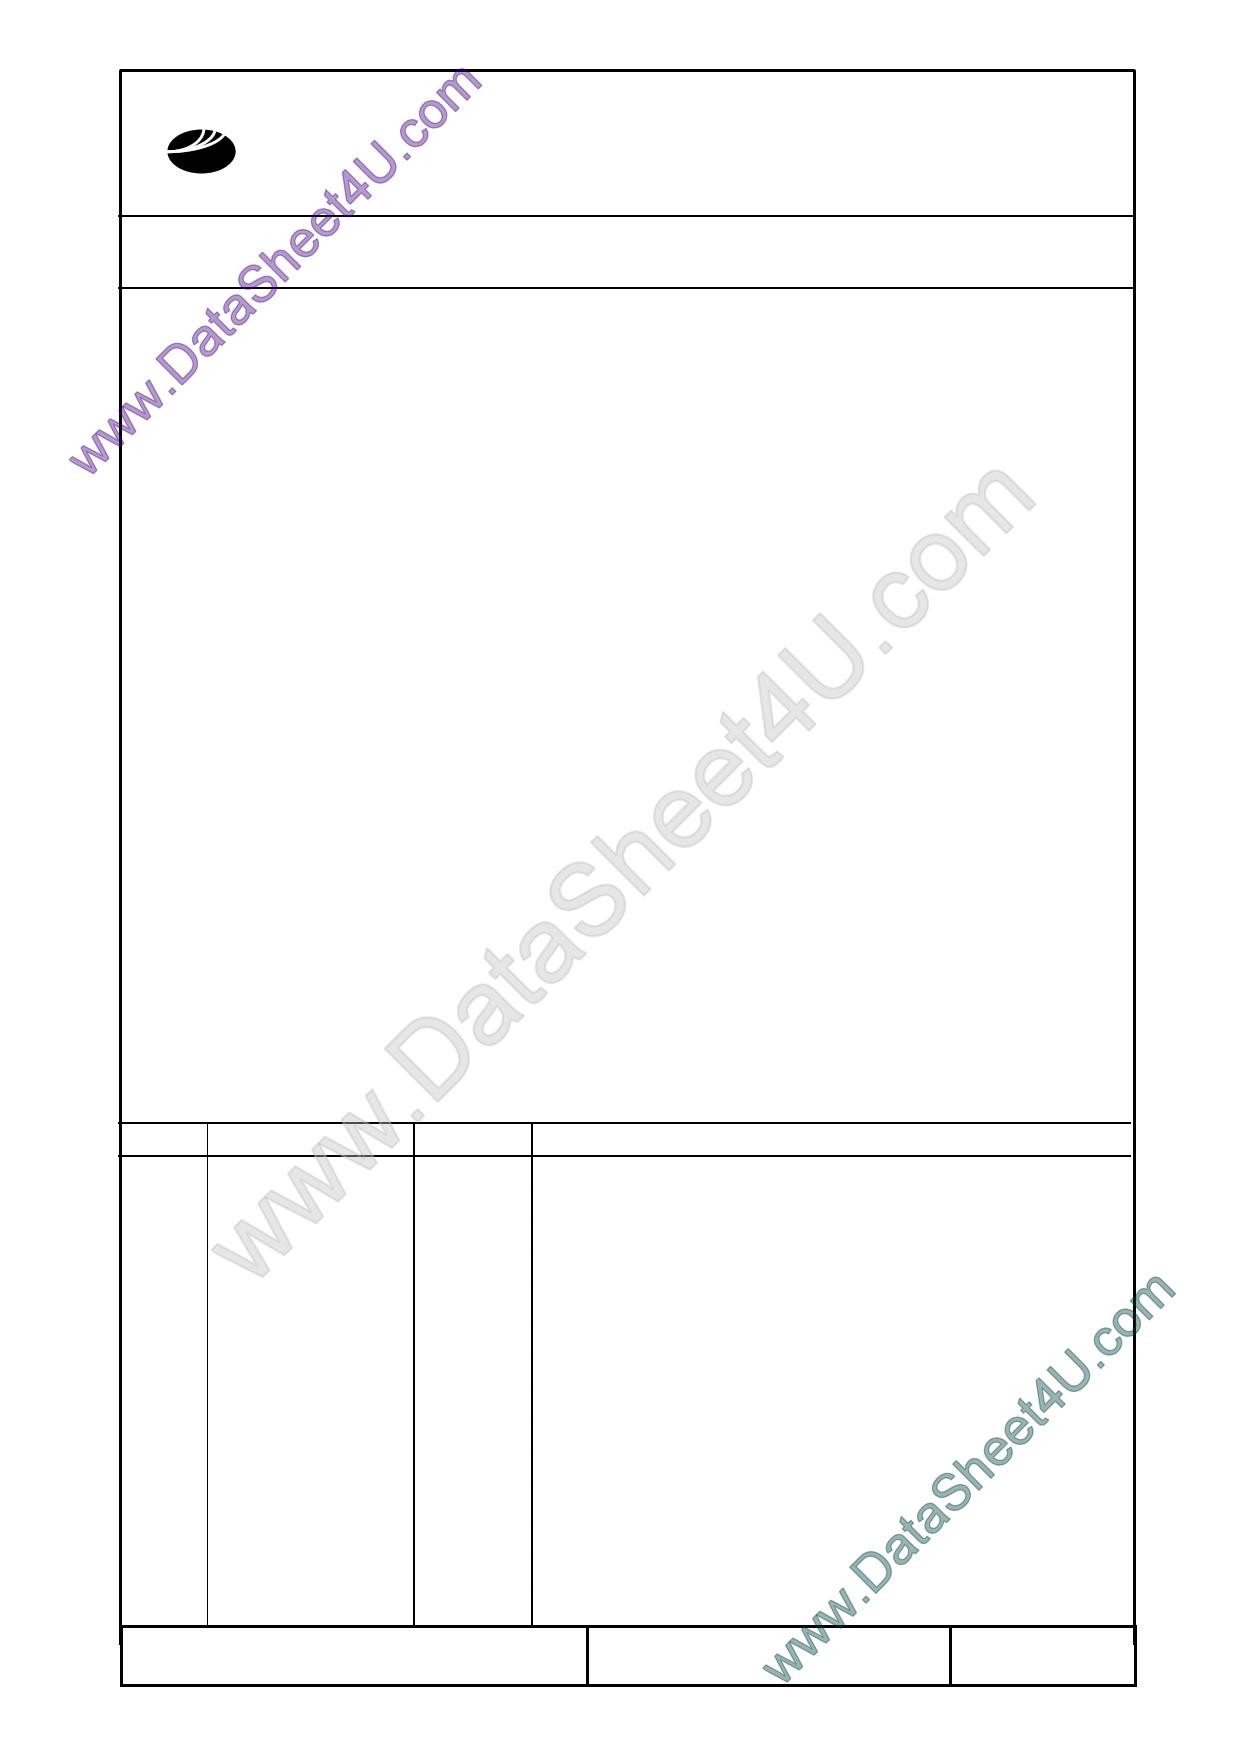 T-51538L079J-FW_P_AA دیتاشیت PDF